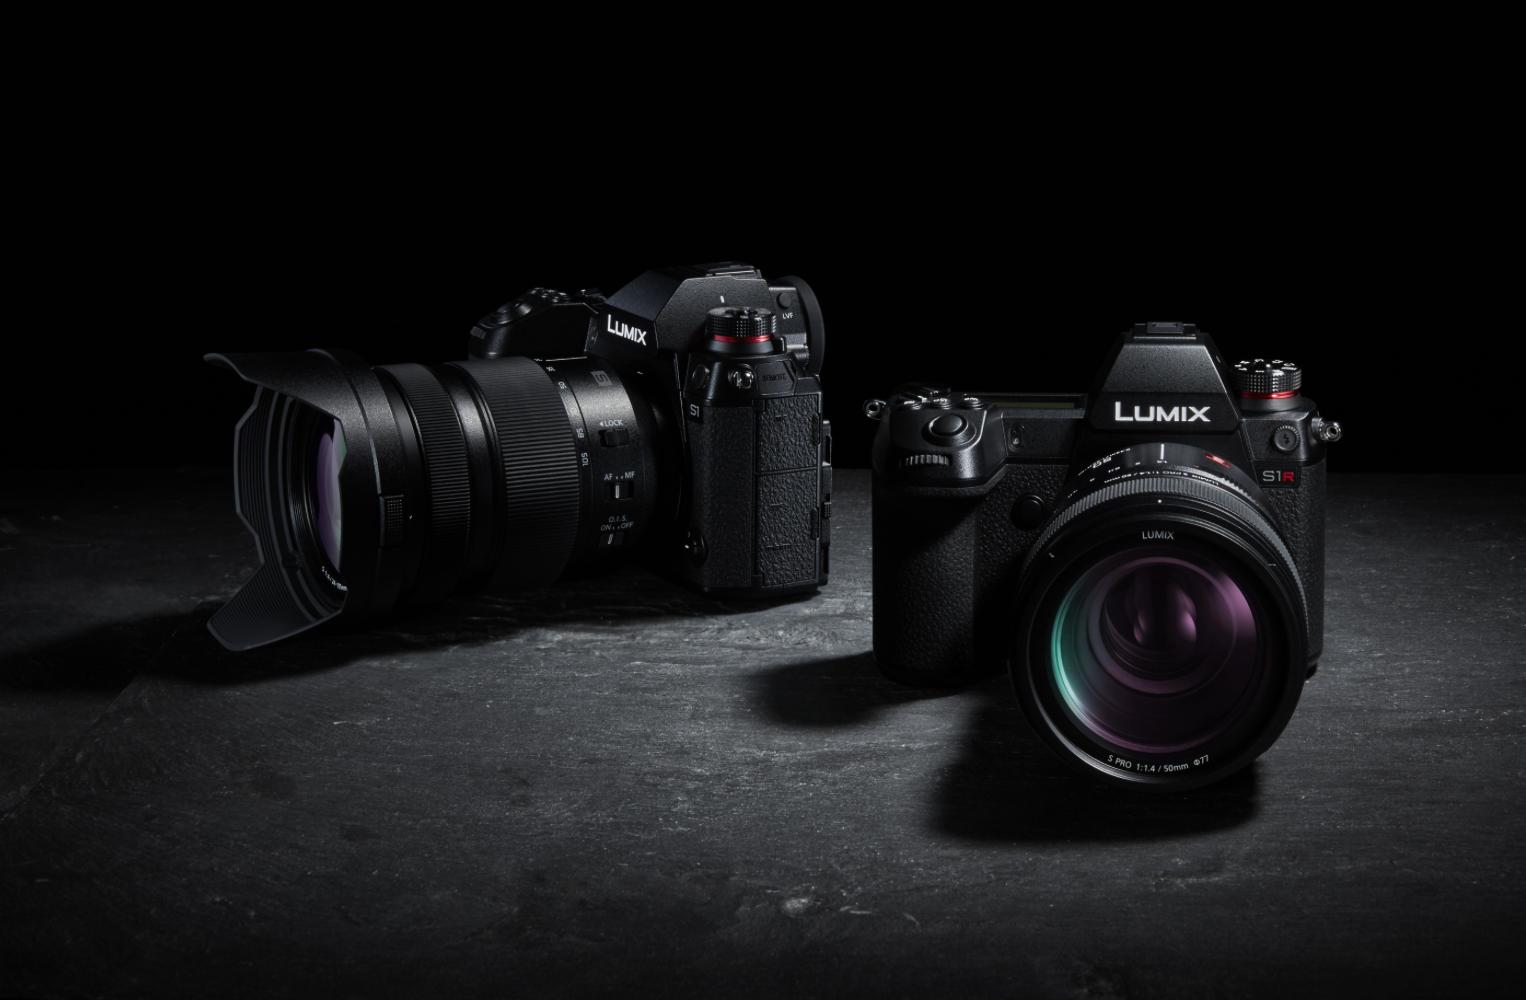 Zwei Kameras der Panasonic Lumix S-Serie vor schwarzem Hintergrund